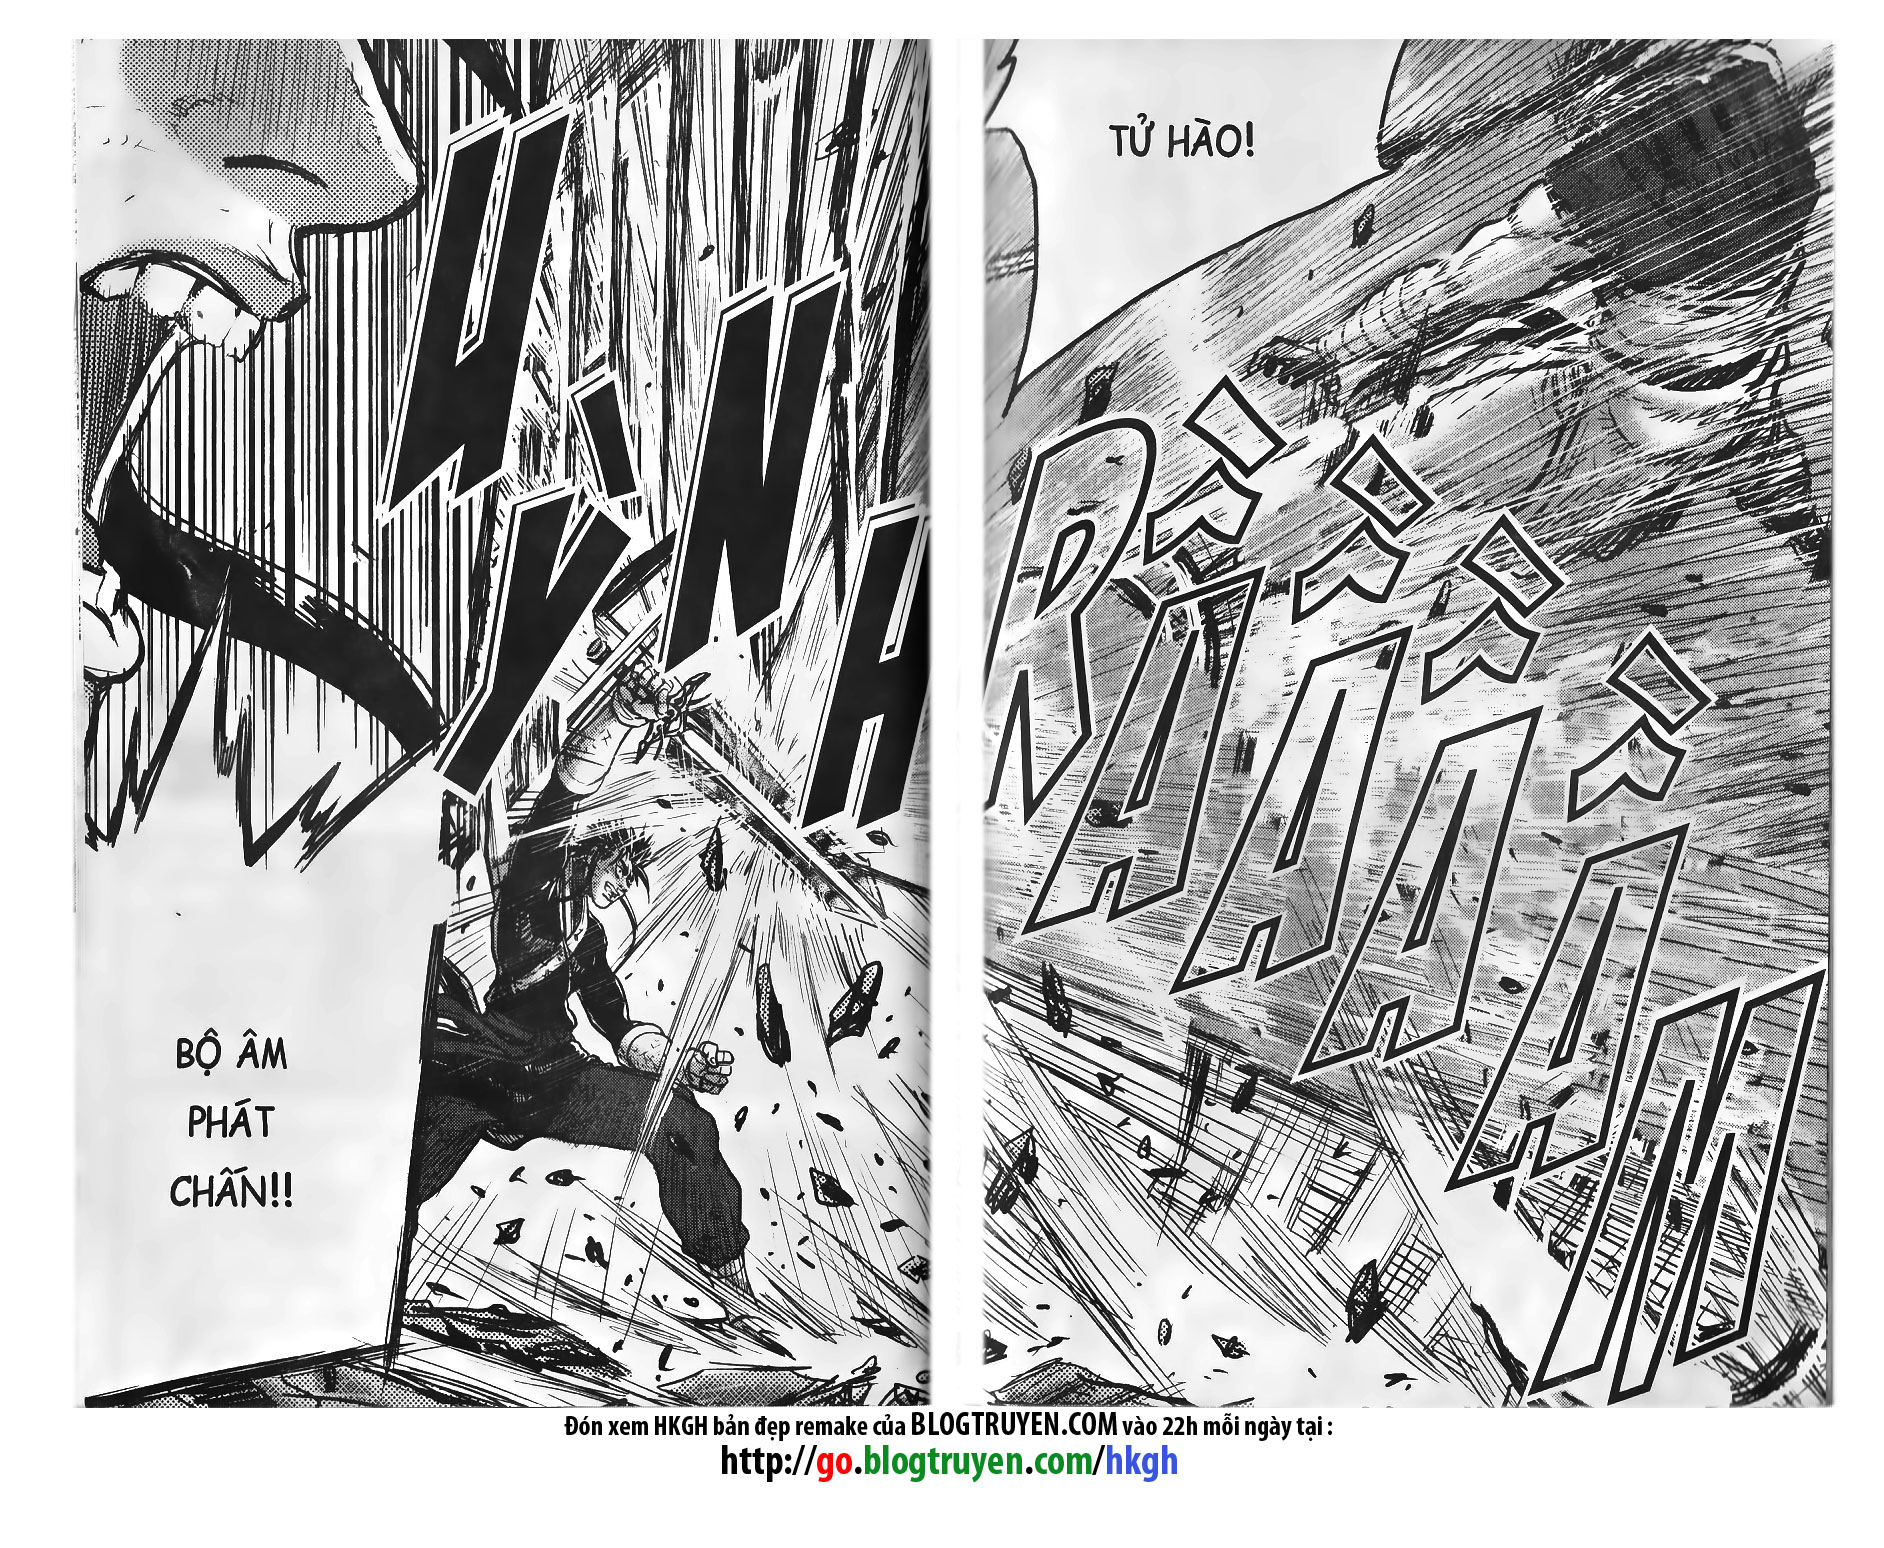 xem truyen moi - Hiệp Khách Giang Hồ Vol54 - Chap 386 - Remake